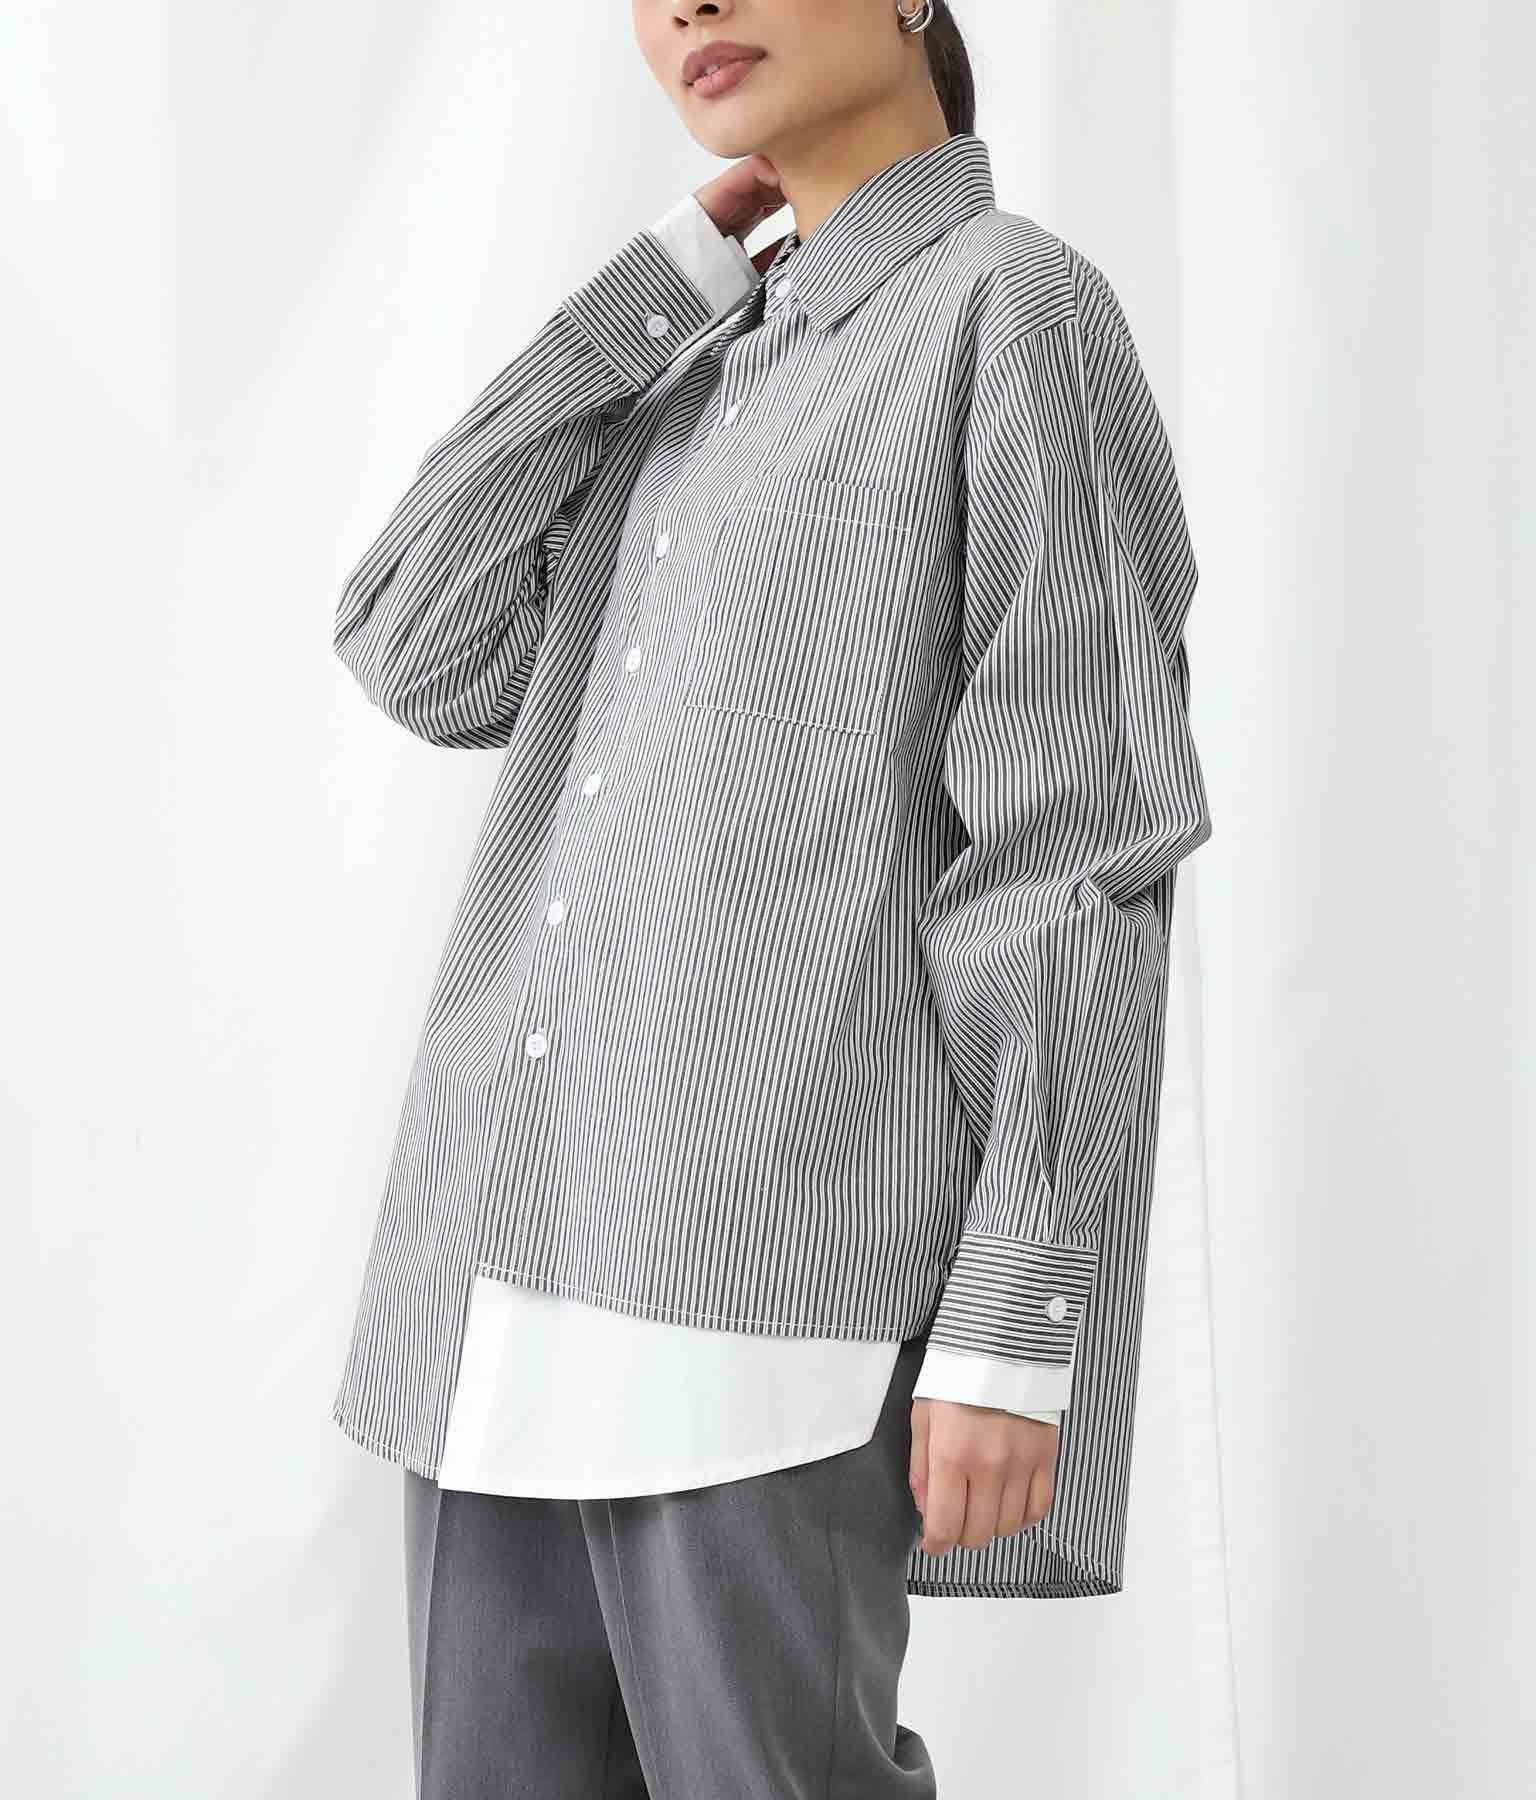 ストライプサイドレイヤードデザインシャツ